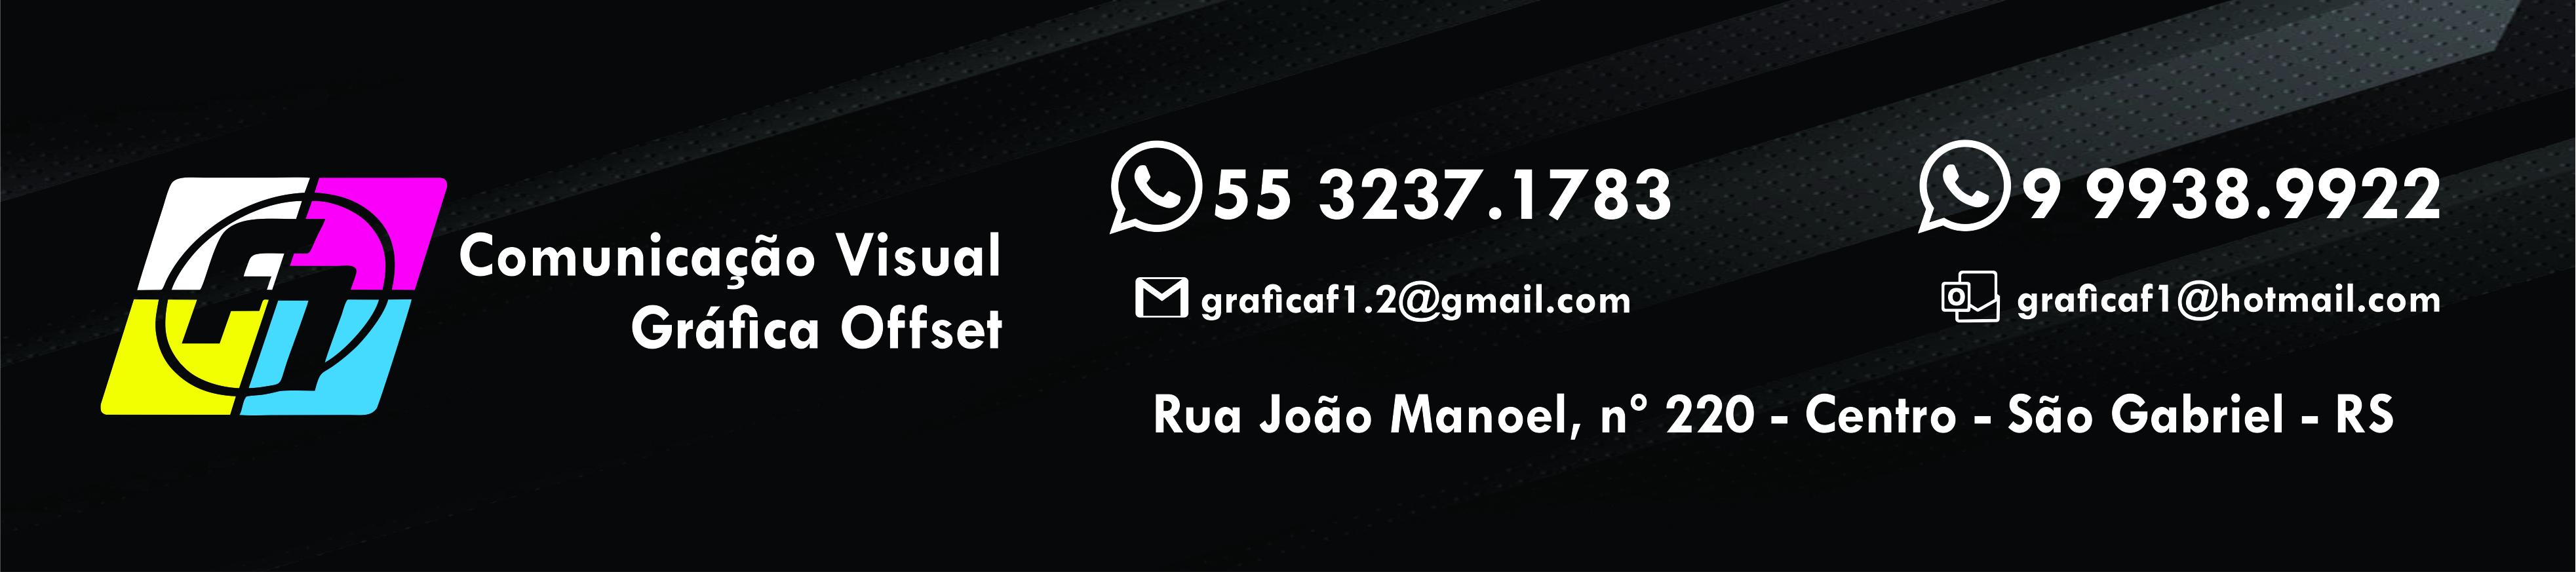 F1 Comunicação Visual e Gráfica Offset - sua ideia em nossas mãos